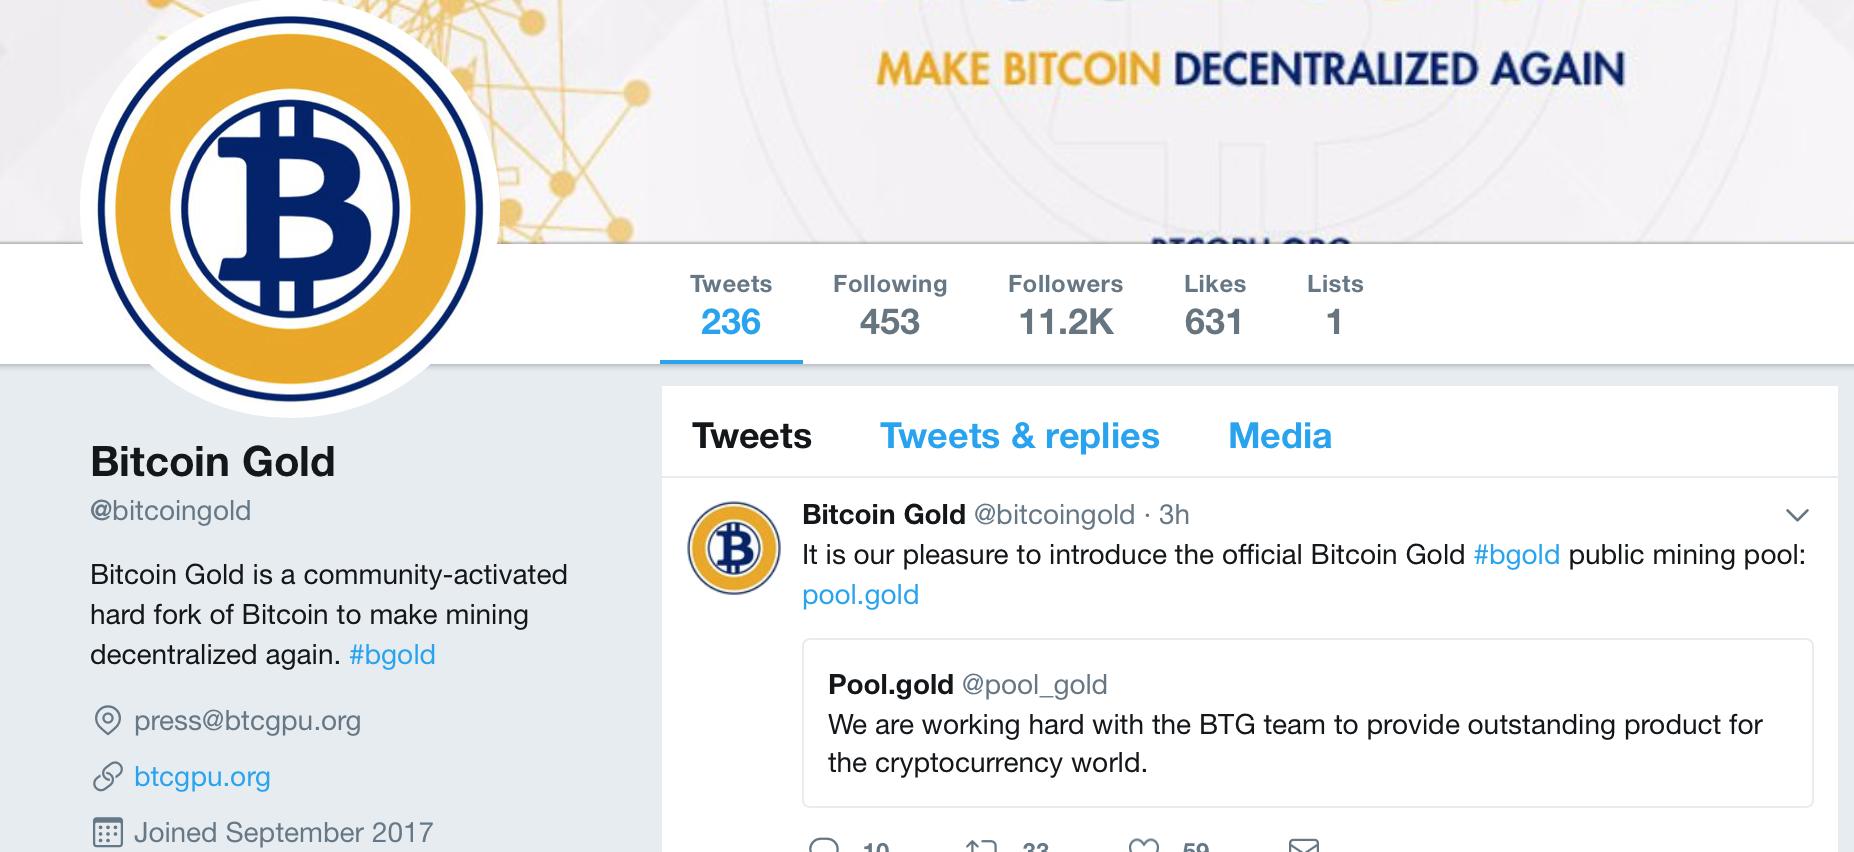 Explicando o bitcoin gold bitcoin como funciona brasil explicando o bitcoin gold bitcoin como funciona brasil aprender sobre bitcoin ccuart Gallery